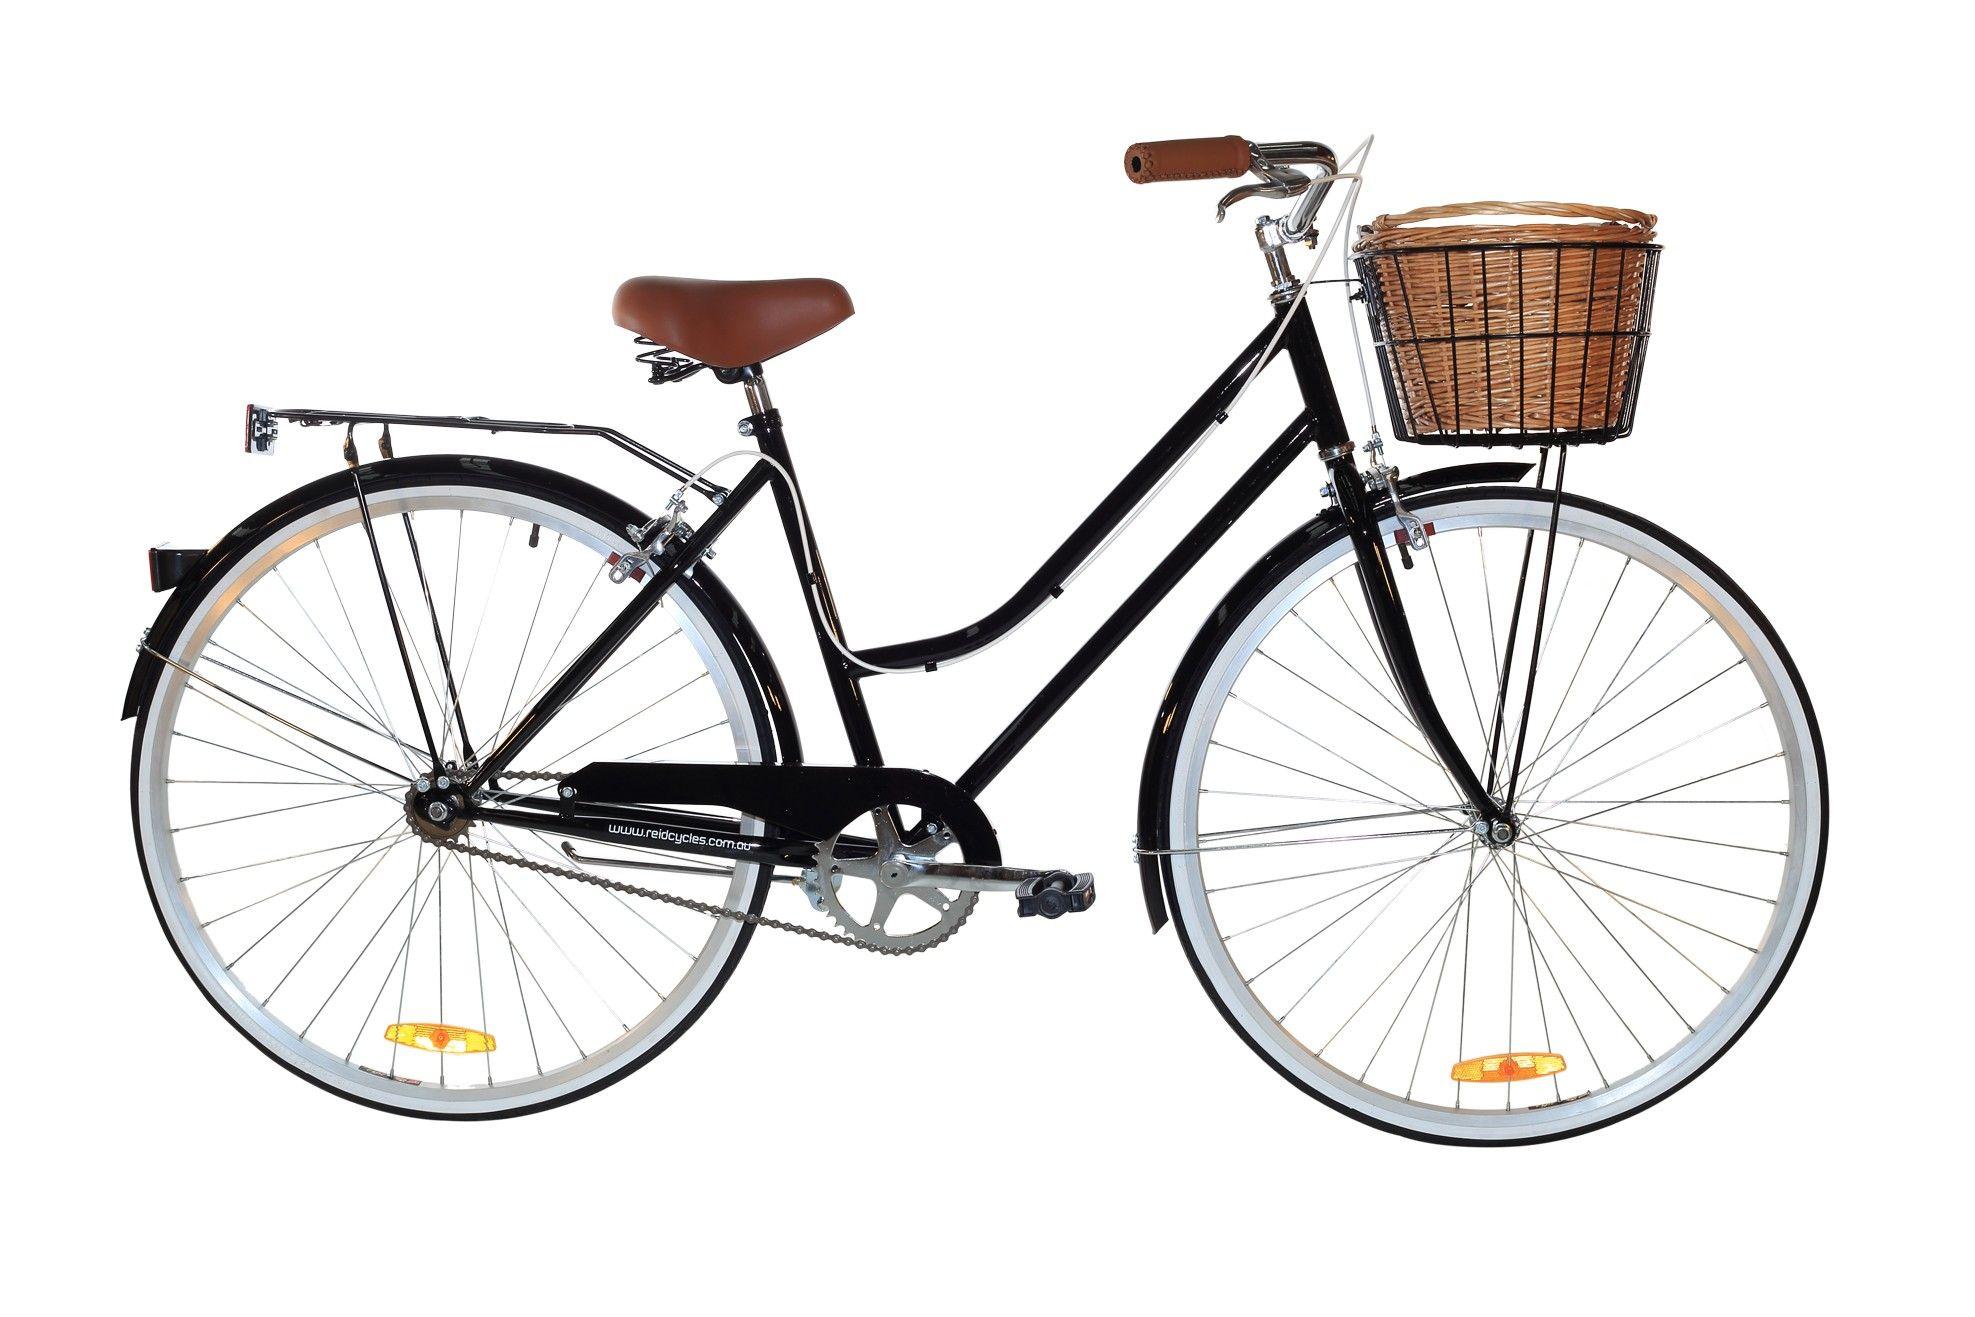 Reid Cycles 2012 Reid Vintage Ladies Bicycle Singlespeed